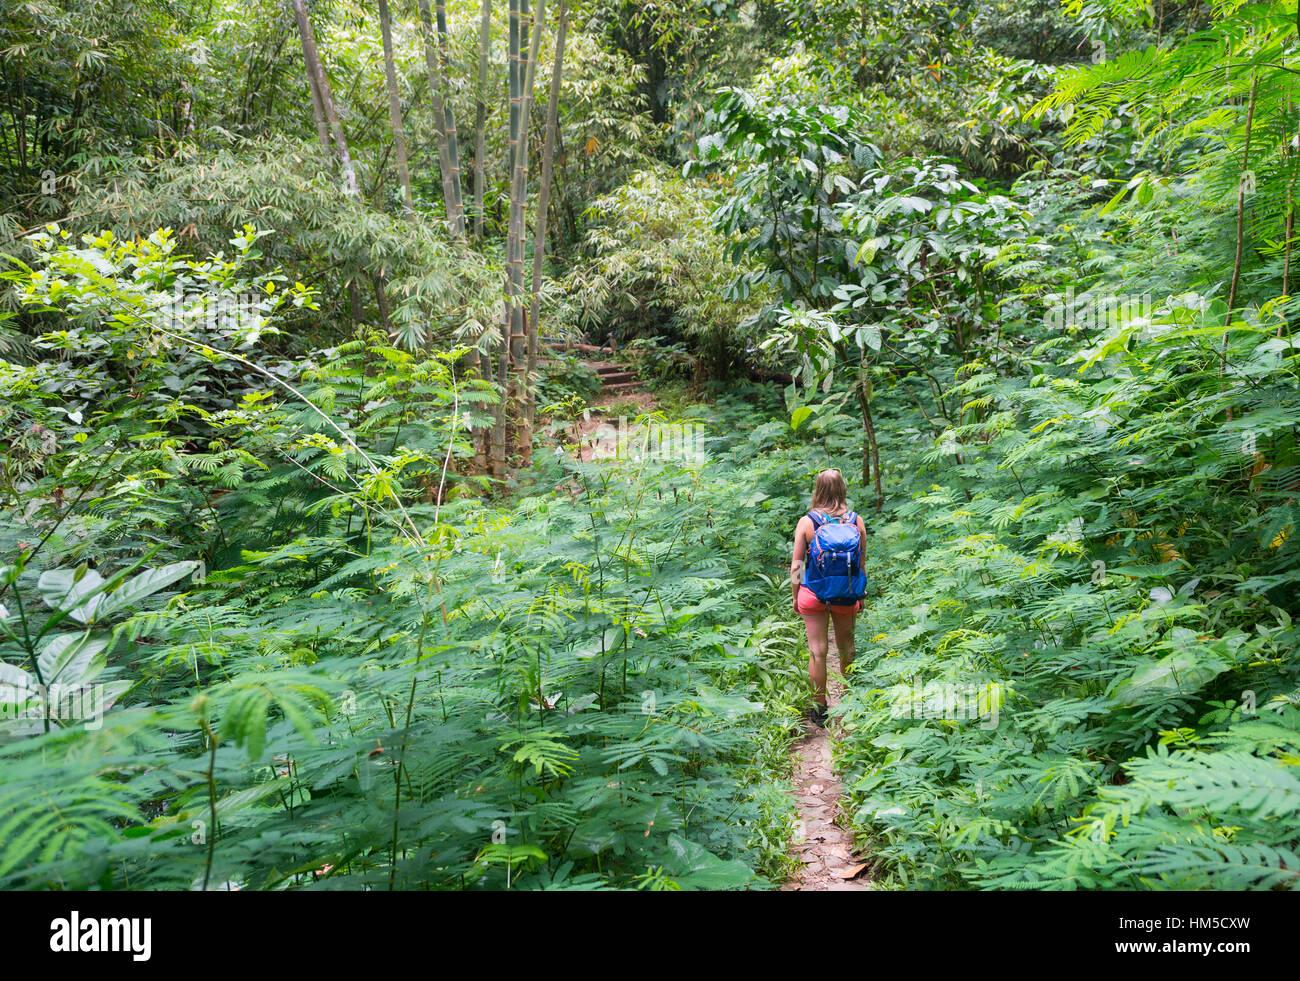 Randonneur sur le sentier de marche à travers une végétation dense, Munduk, Bali, Indonésie Photo Stock